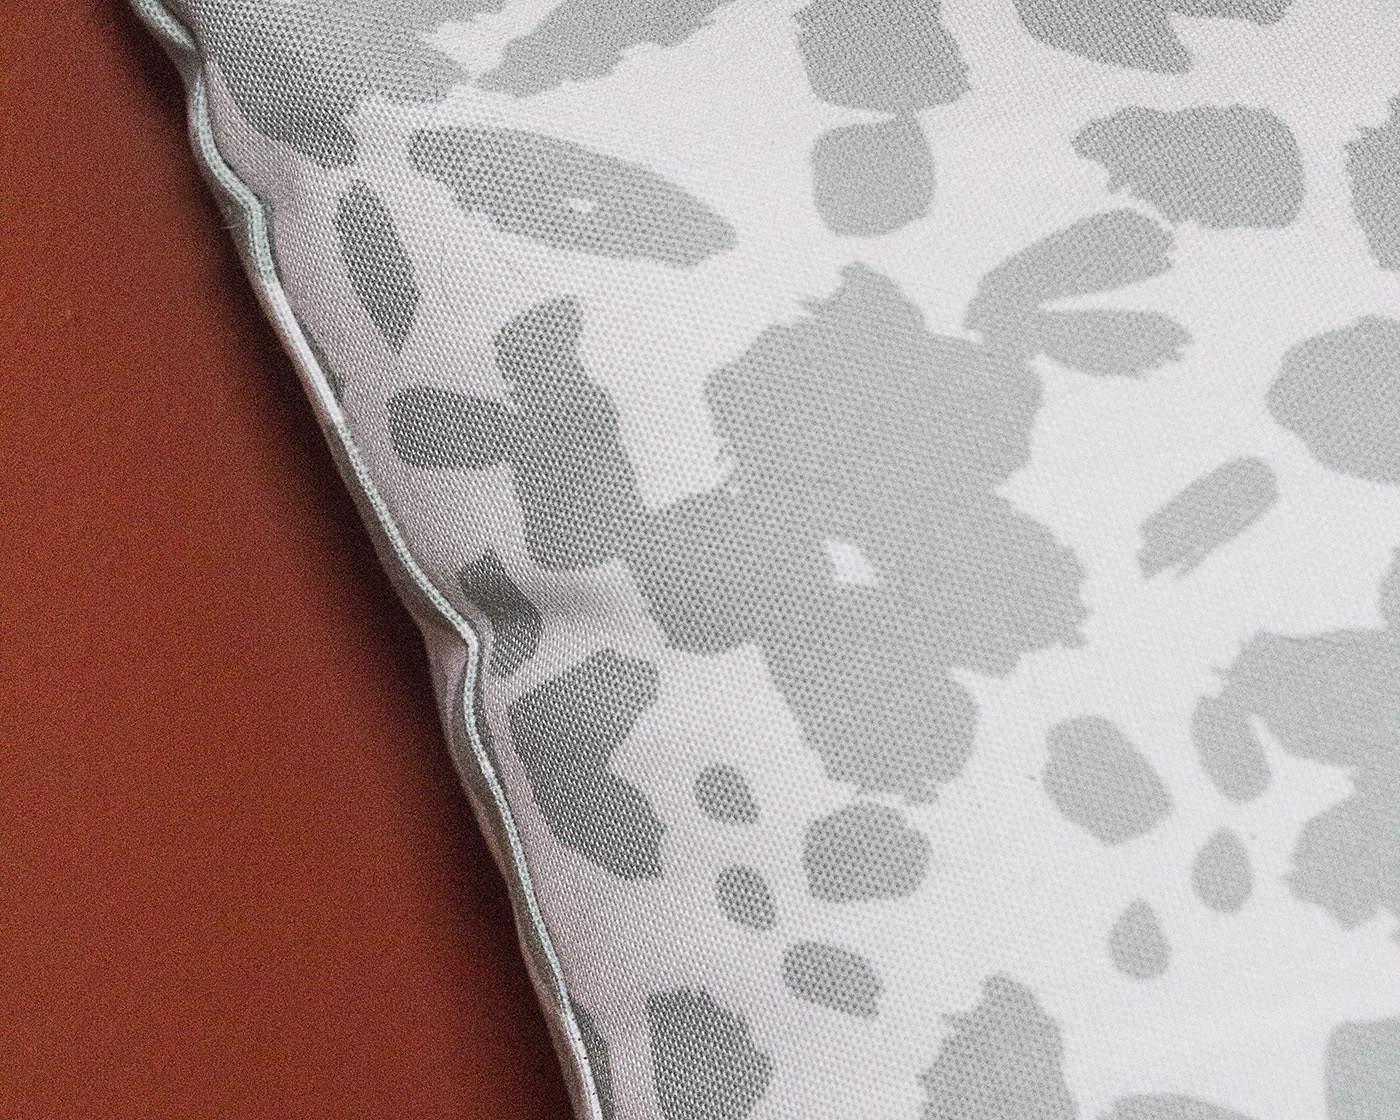 CanvasPop throw pillow detail